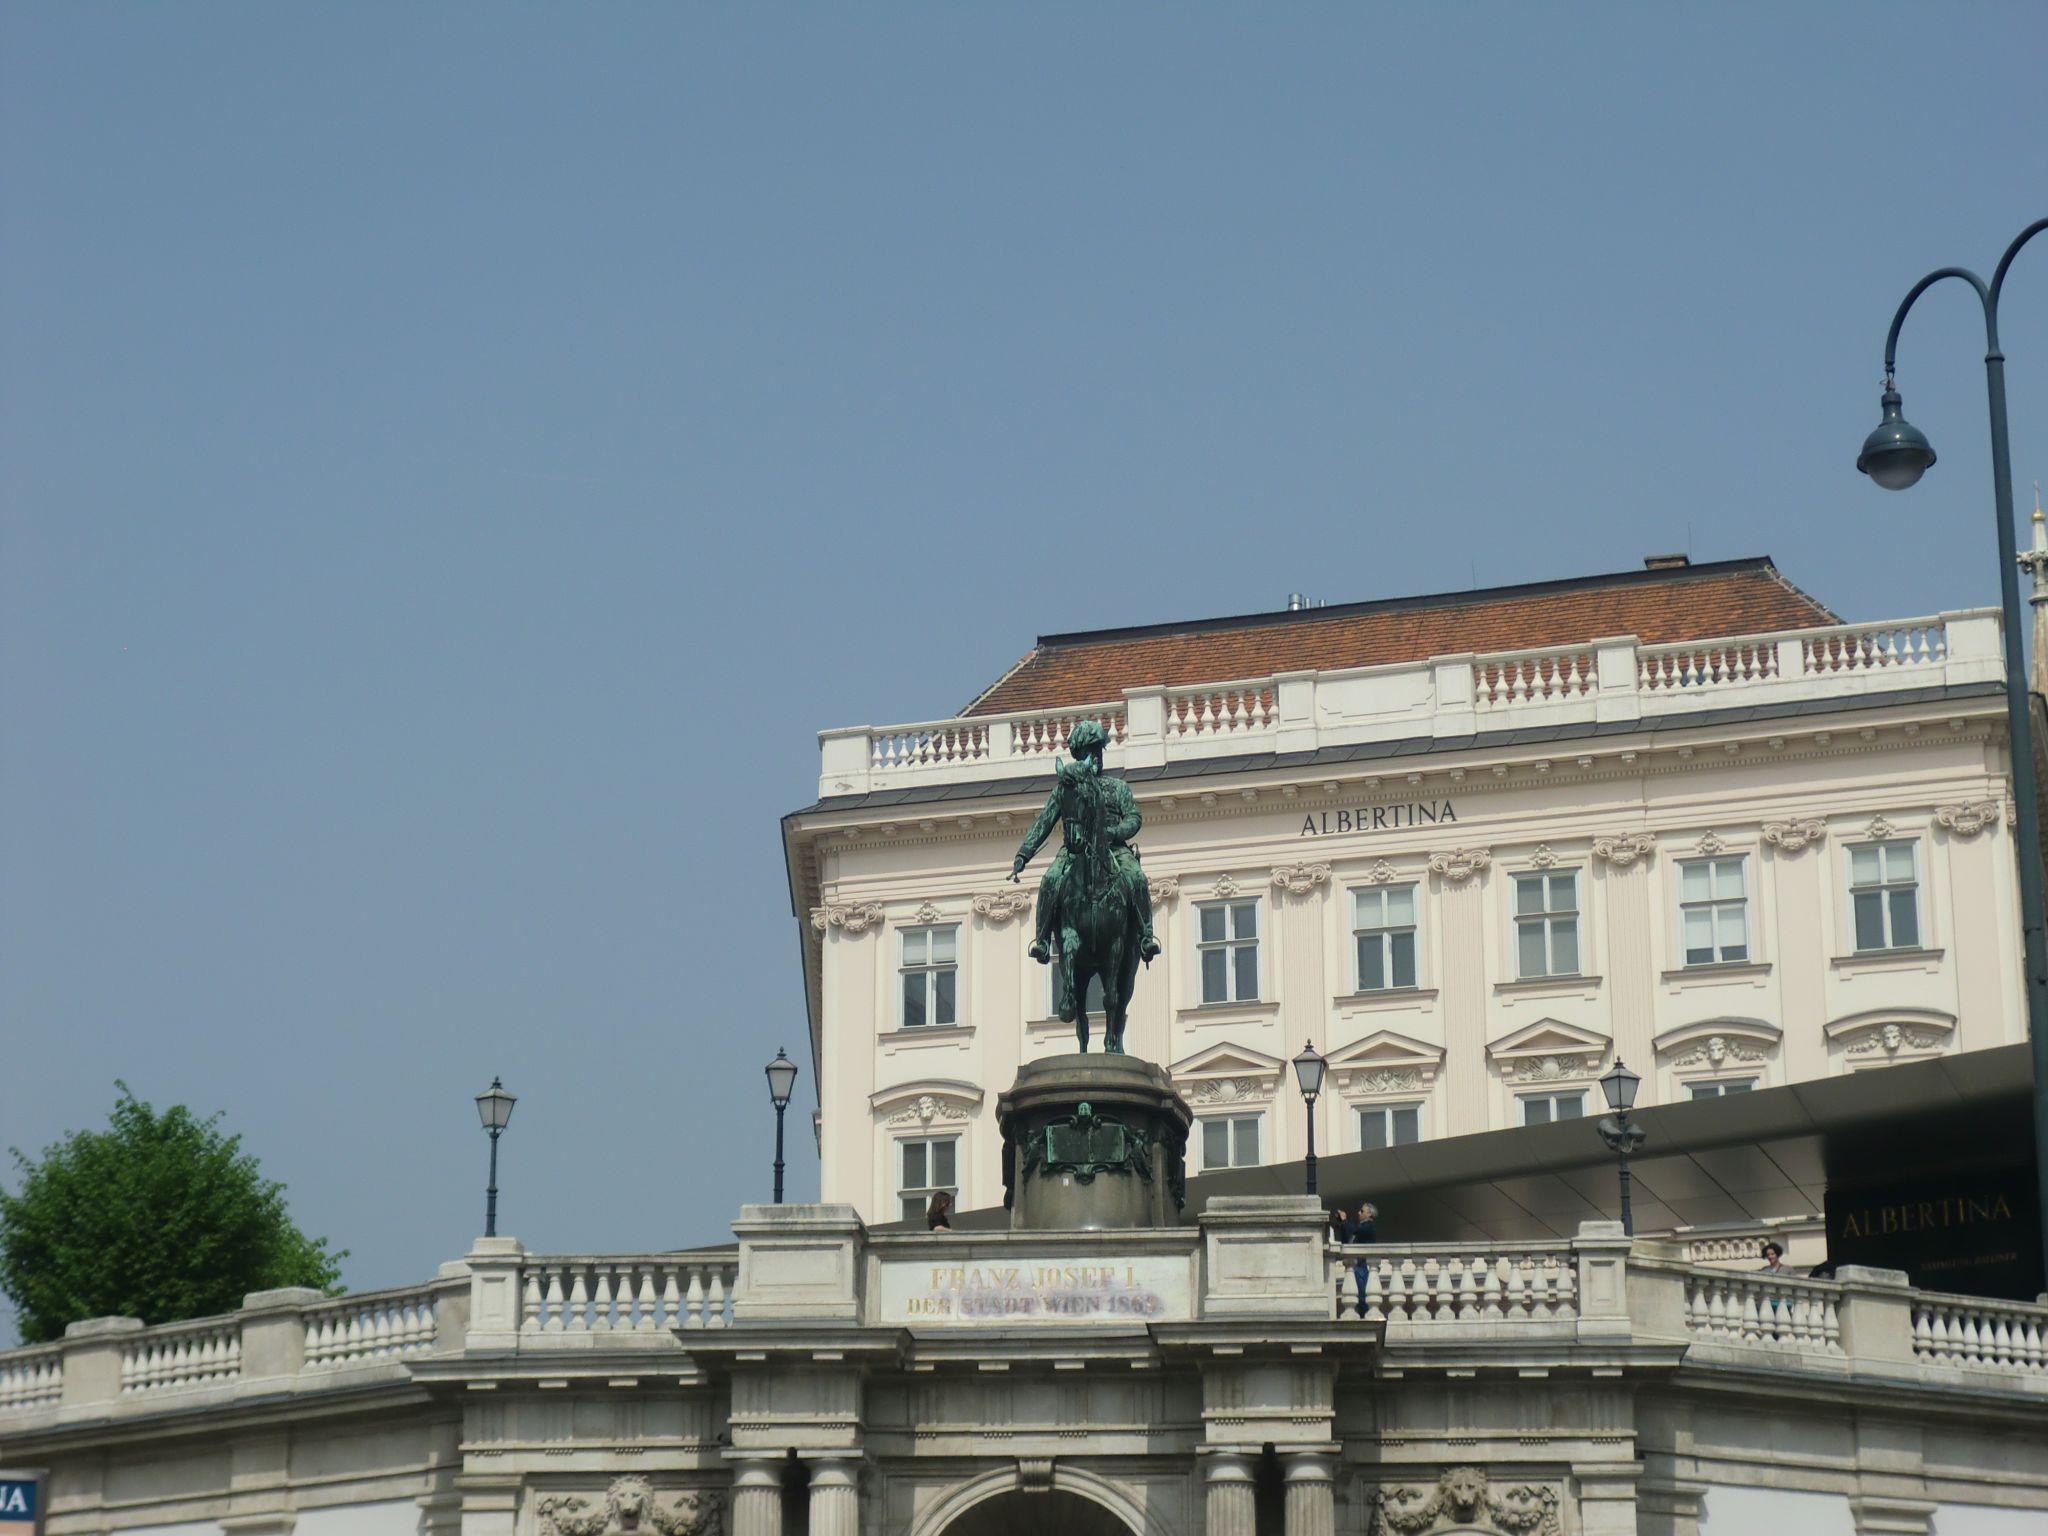 Vienna architecture 47 1440x1080 - Vienna: elegant beauty